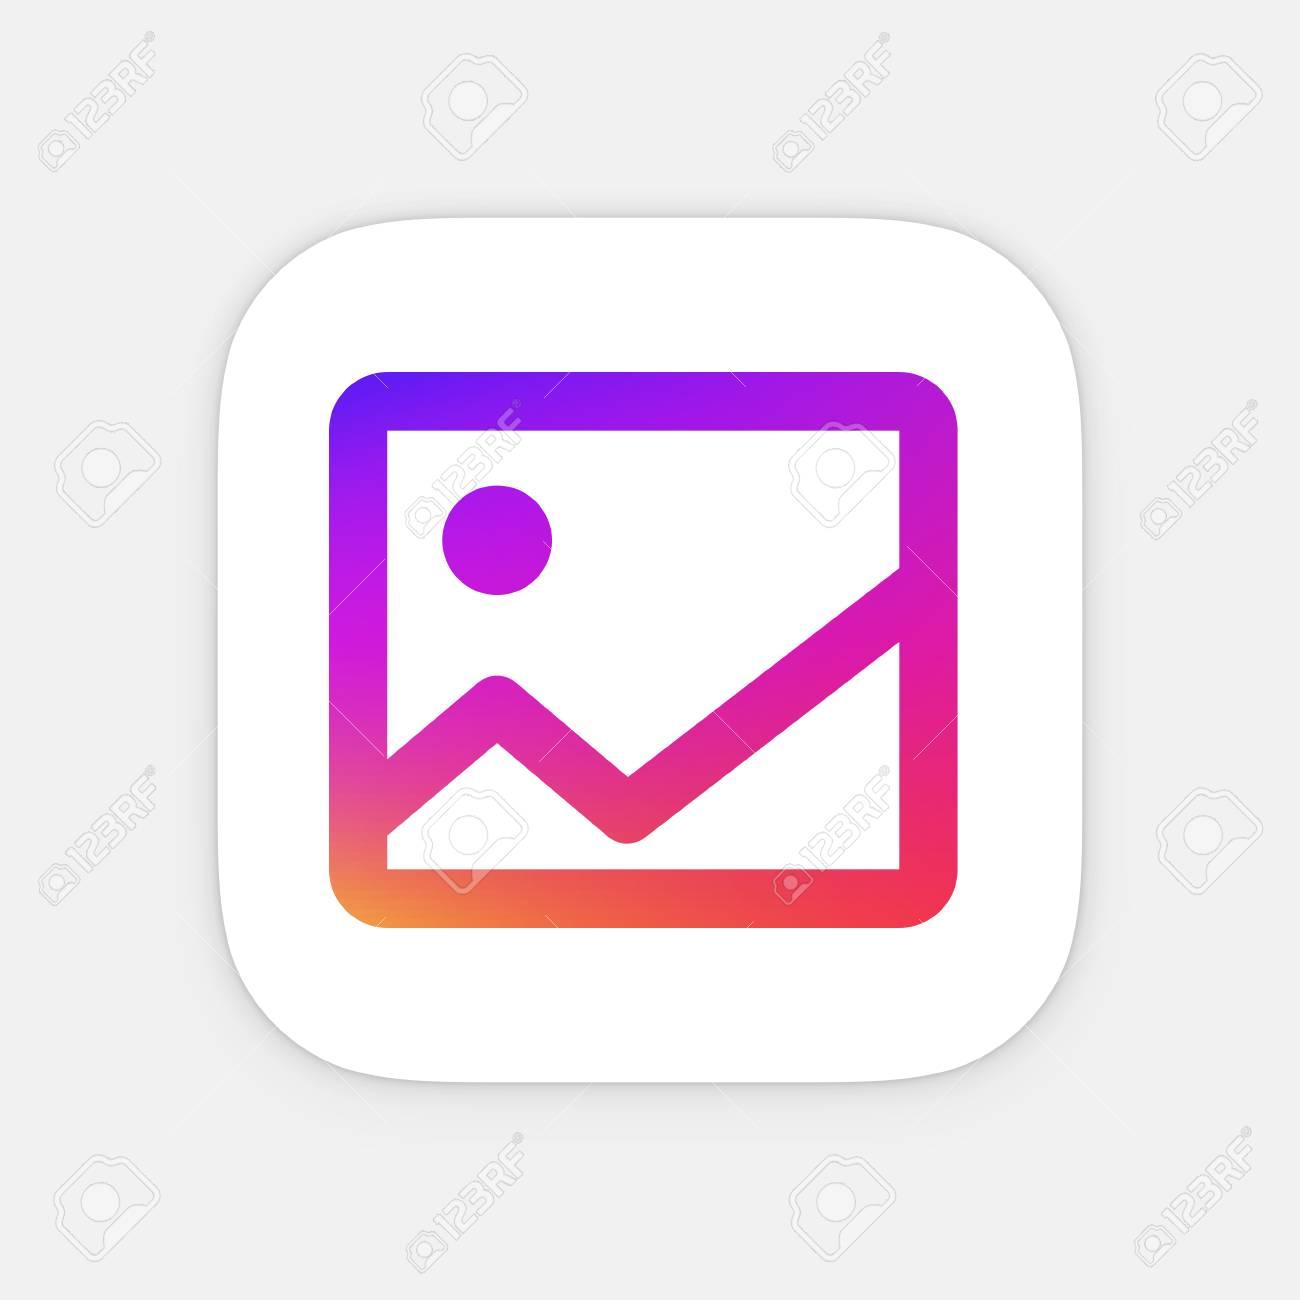 Imagen App Plantilla Icono. Icono De La Aplicación Móvil. Vector ...